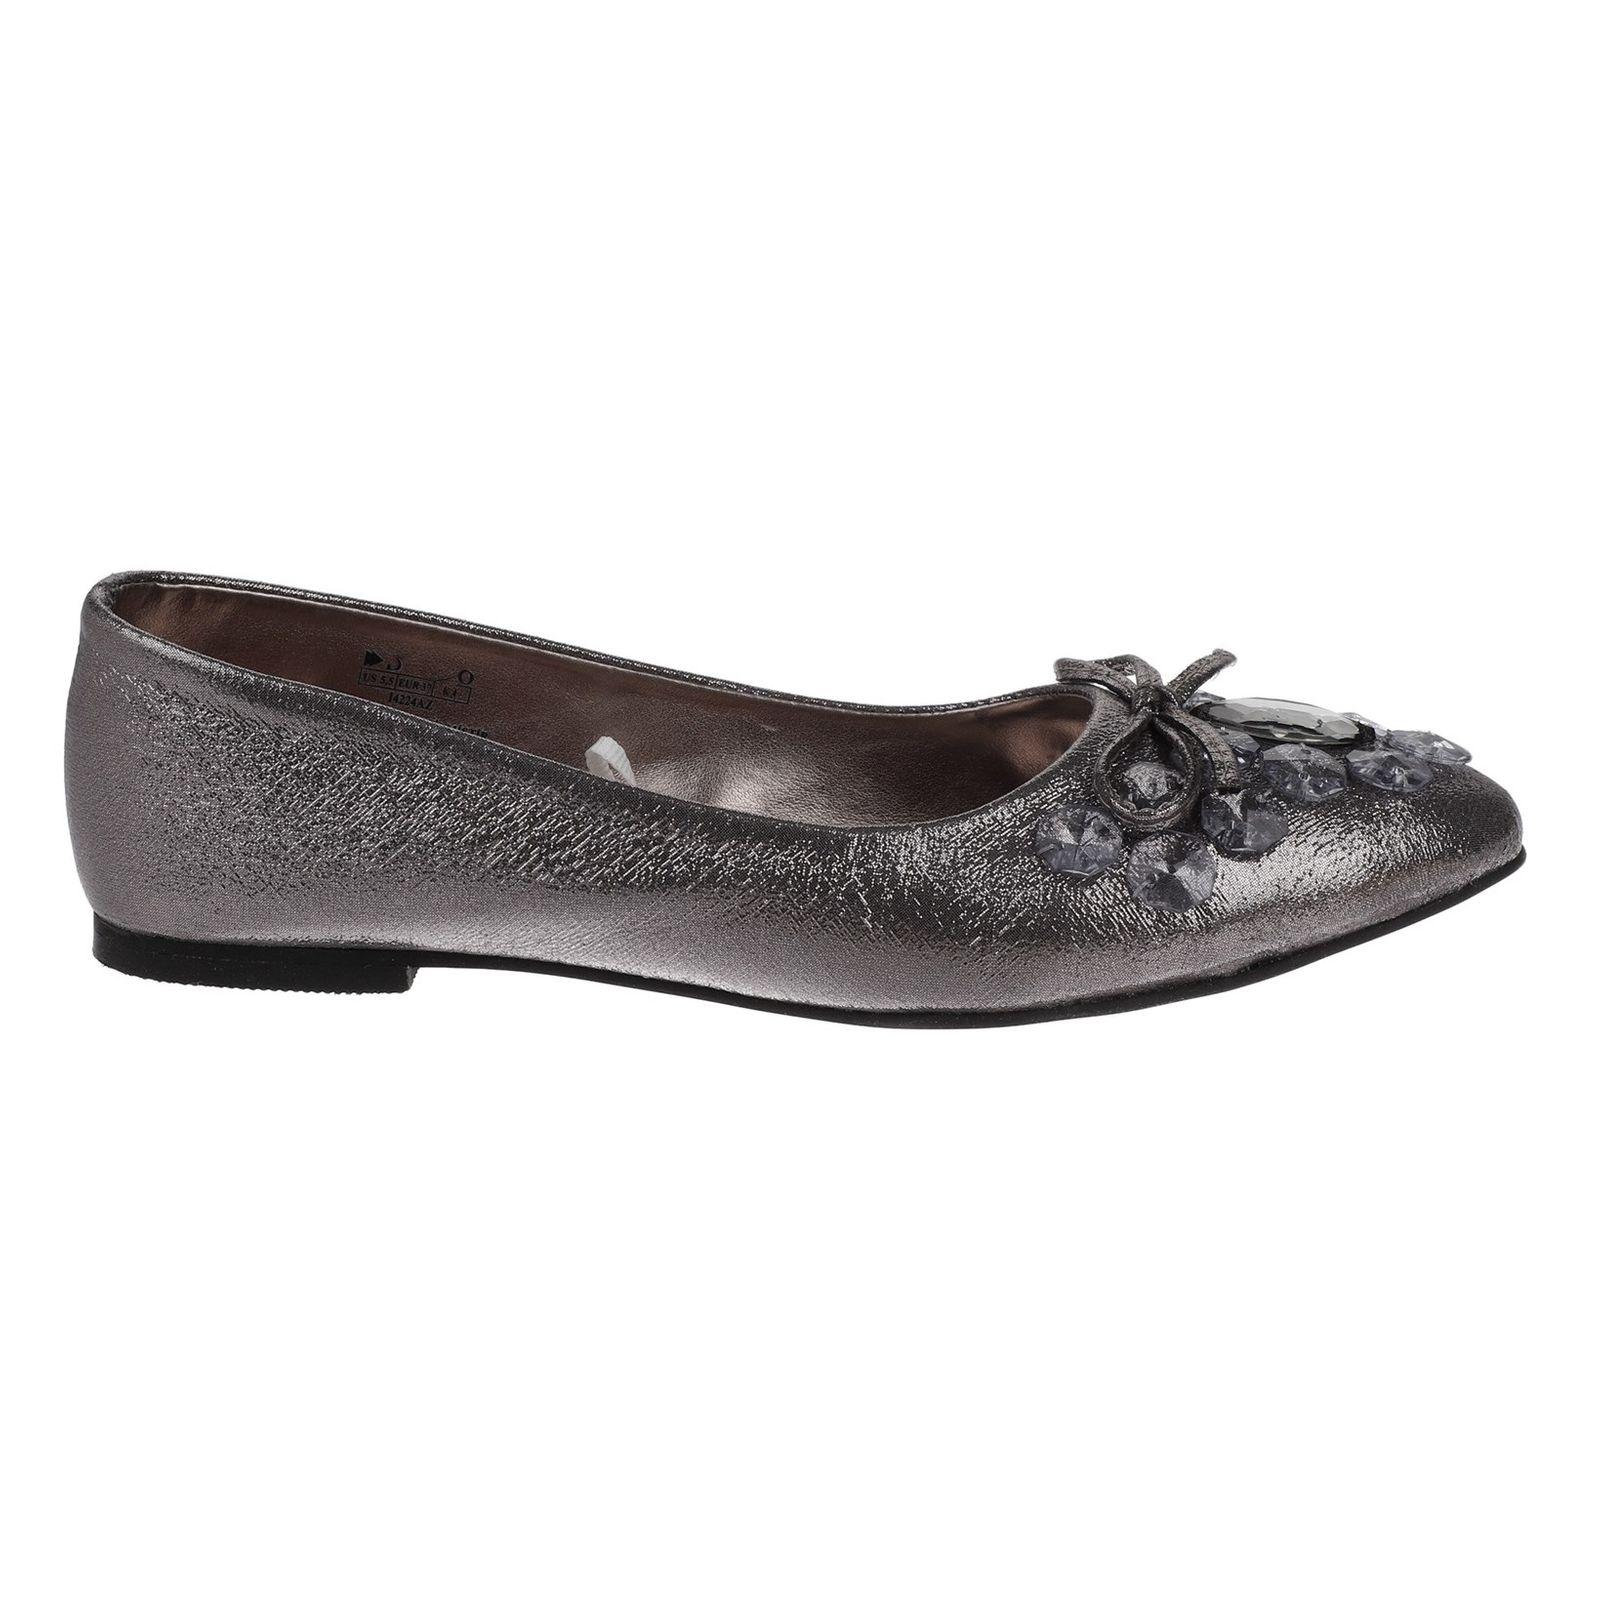 کفش تخت زنانه - دفکتو - نقراه اي براق - 2